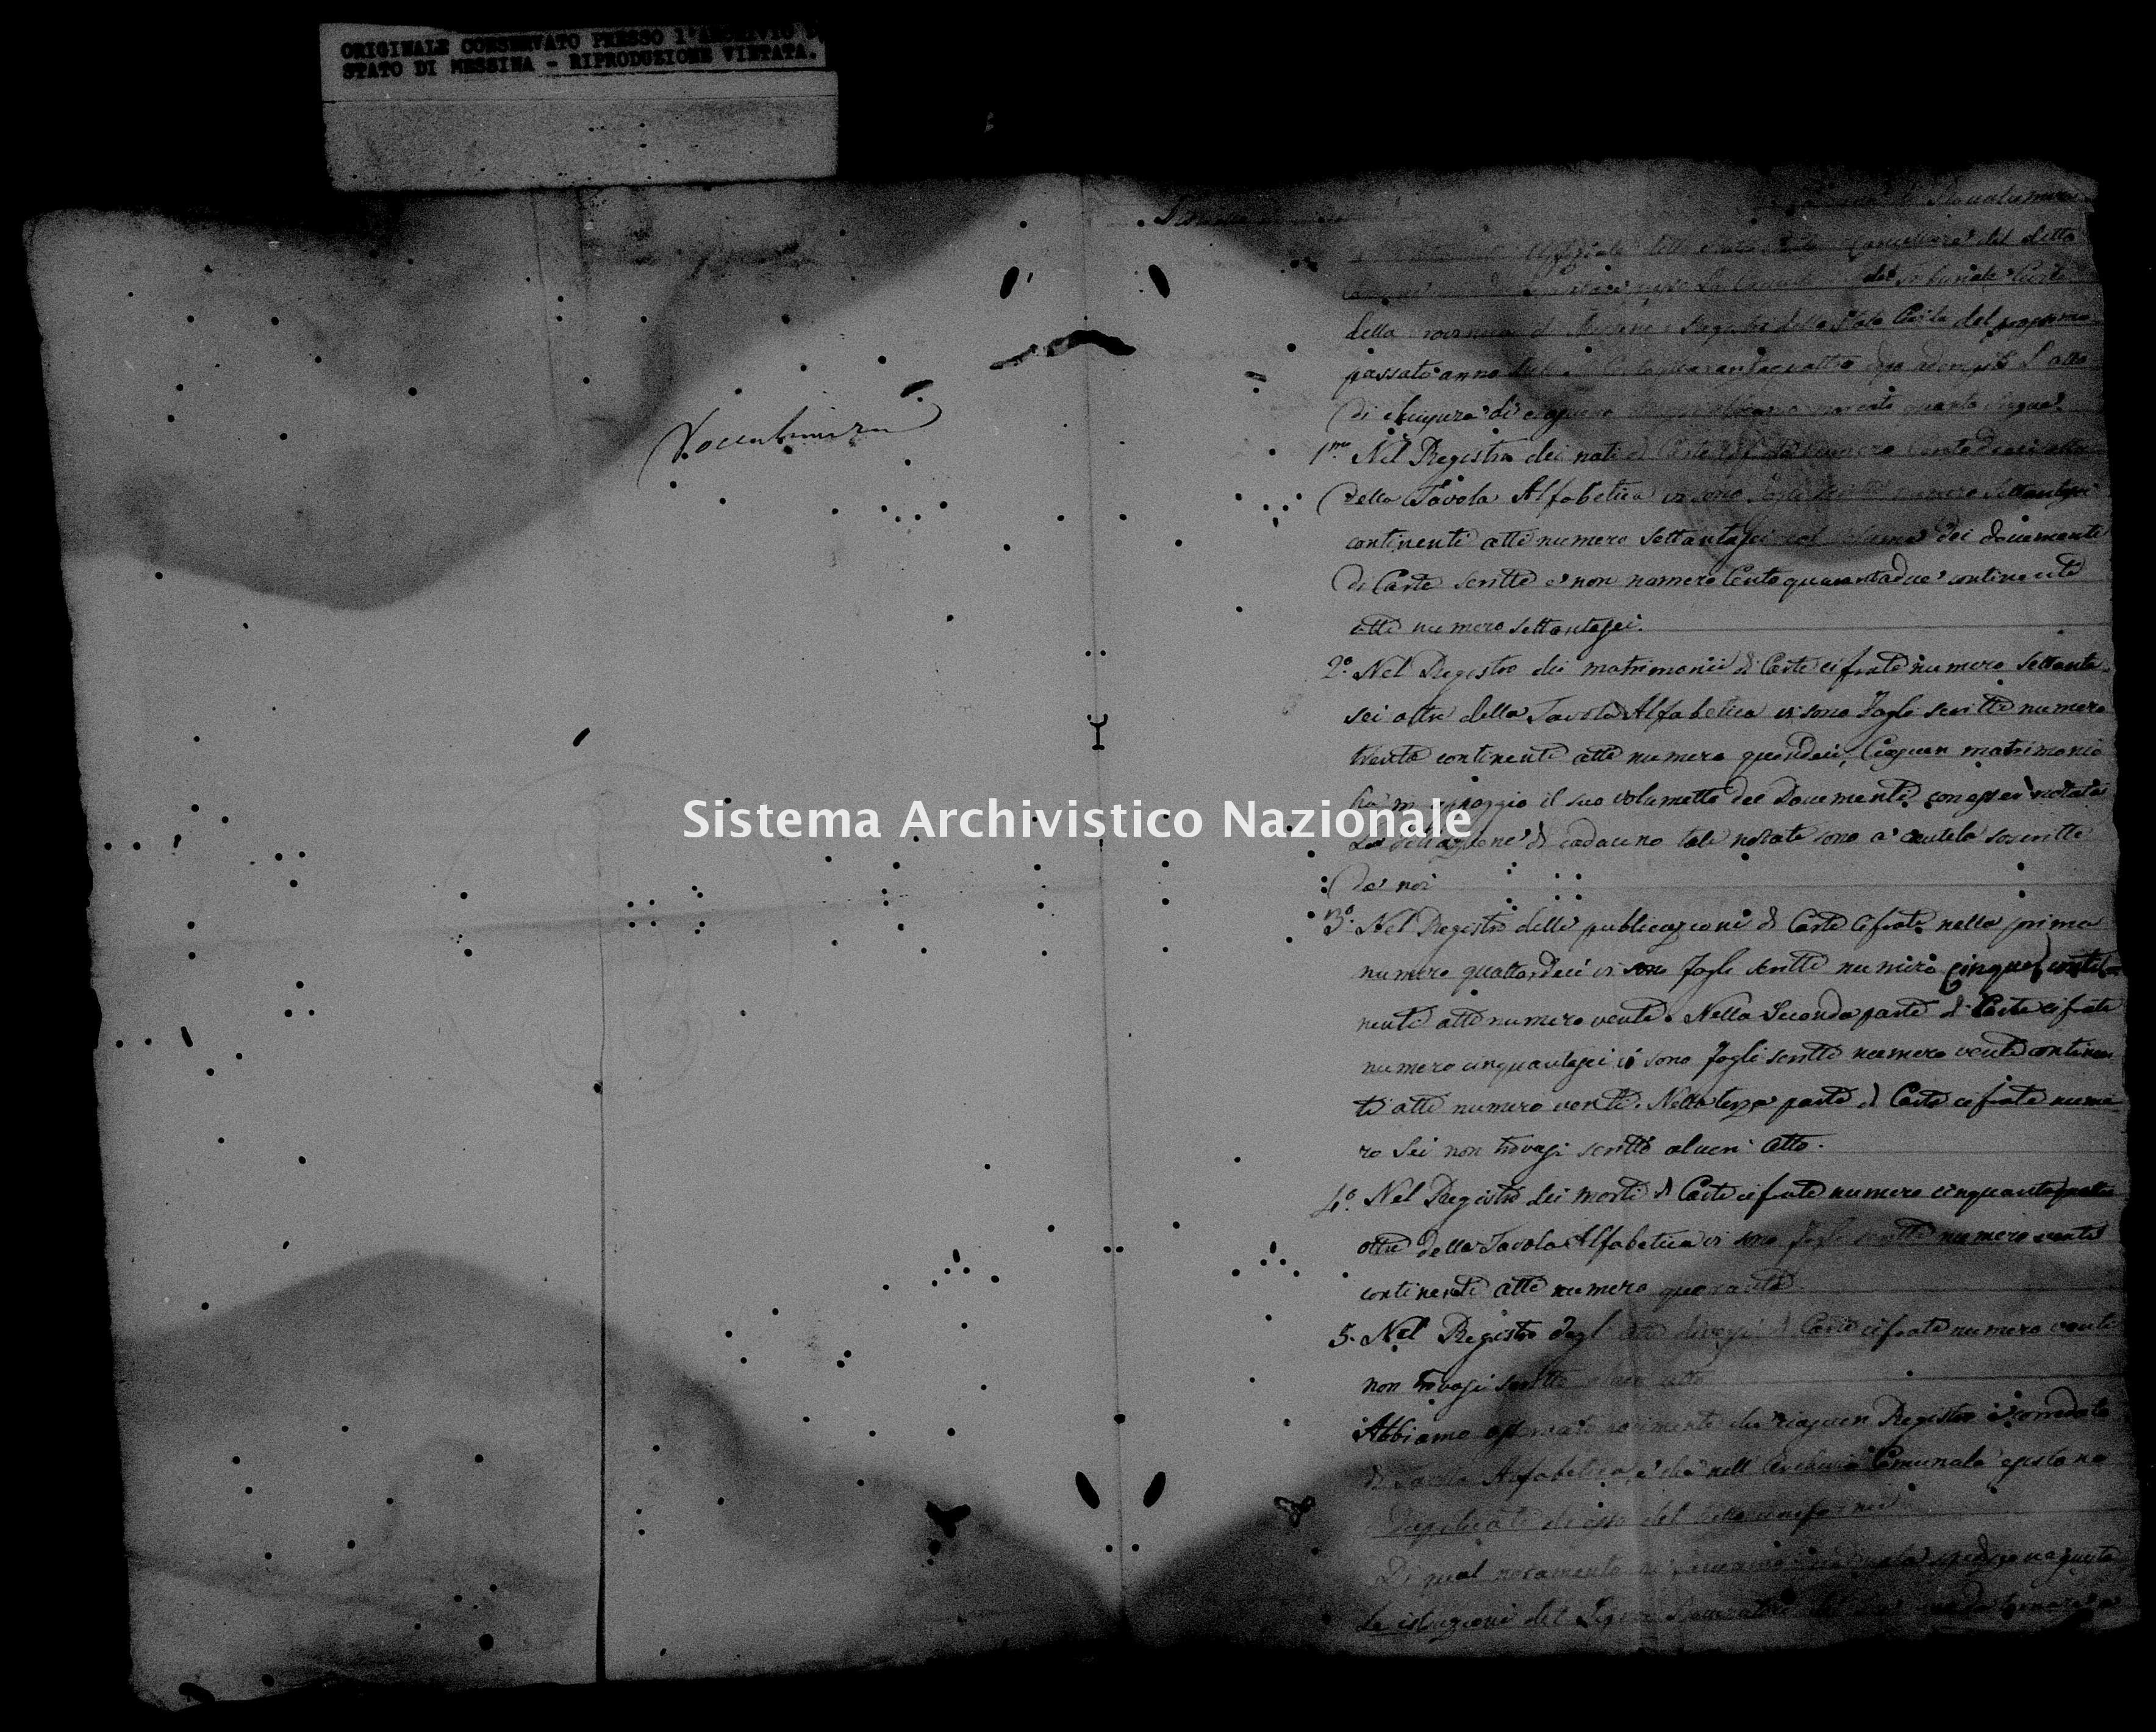 Archivio di stato di Messina - Stato civile della restaurazione - Roccalumera - Inventario - 1844 - 1106 -